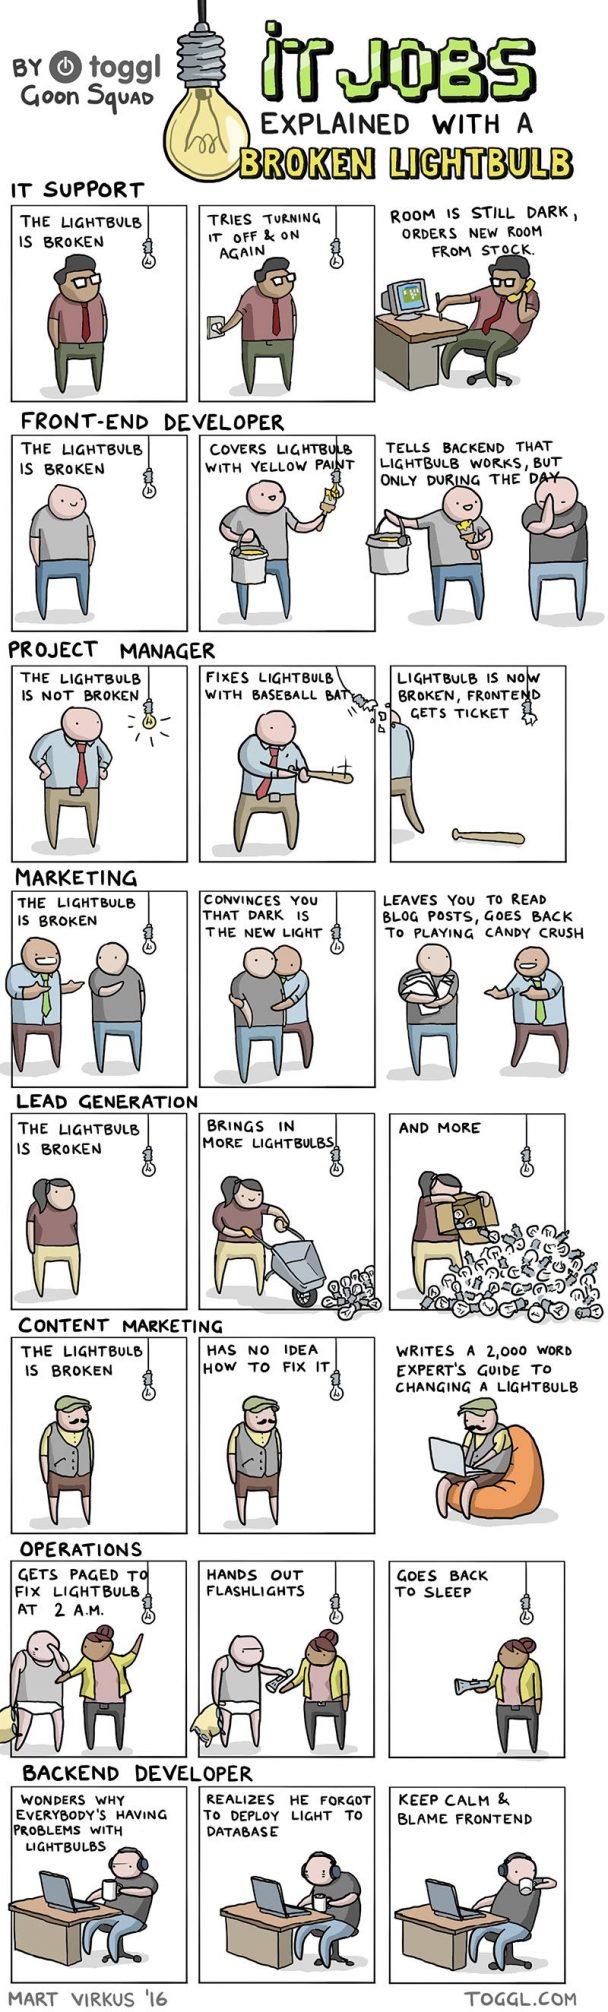 IT Jobs Explained With A Broken Lightbulb   developer-memes, art-memes, marketing-memes, backend-memes, frontend-memes, data-memes, database-memes, fix-memes, IT-memes, idea-memes, ide-memes, front-end-memes   ProgrammerHumor.io